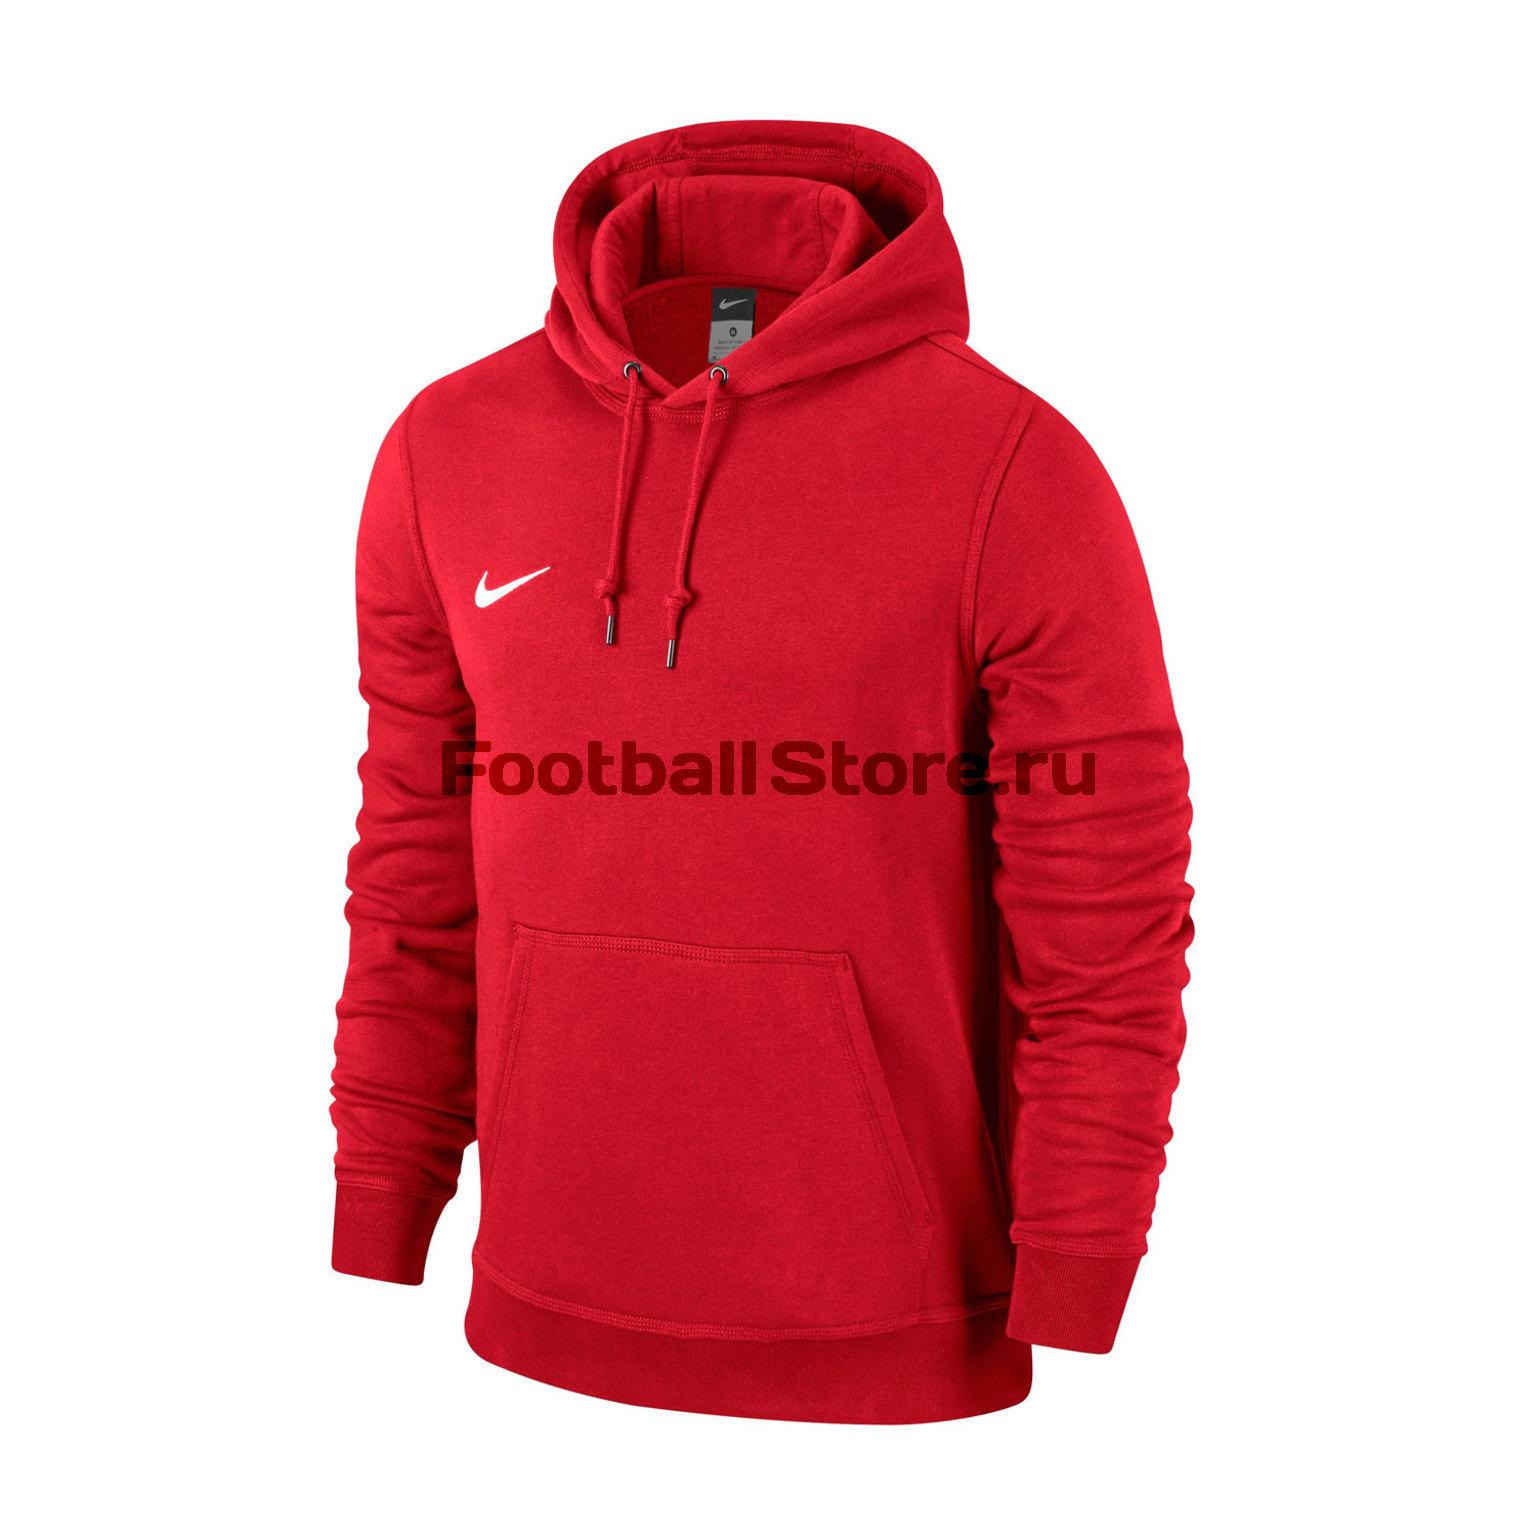 Тренировочная форма Nike Толстовка подростковая Nike YTH Team Club Hoody 658500-657